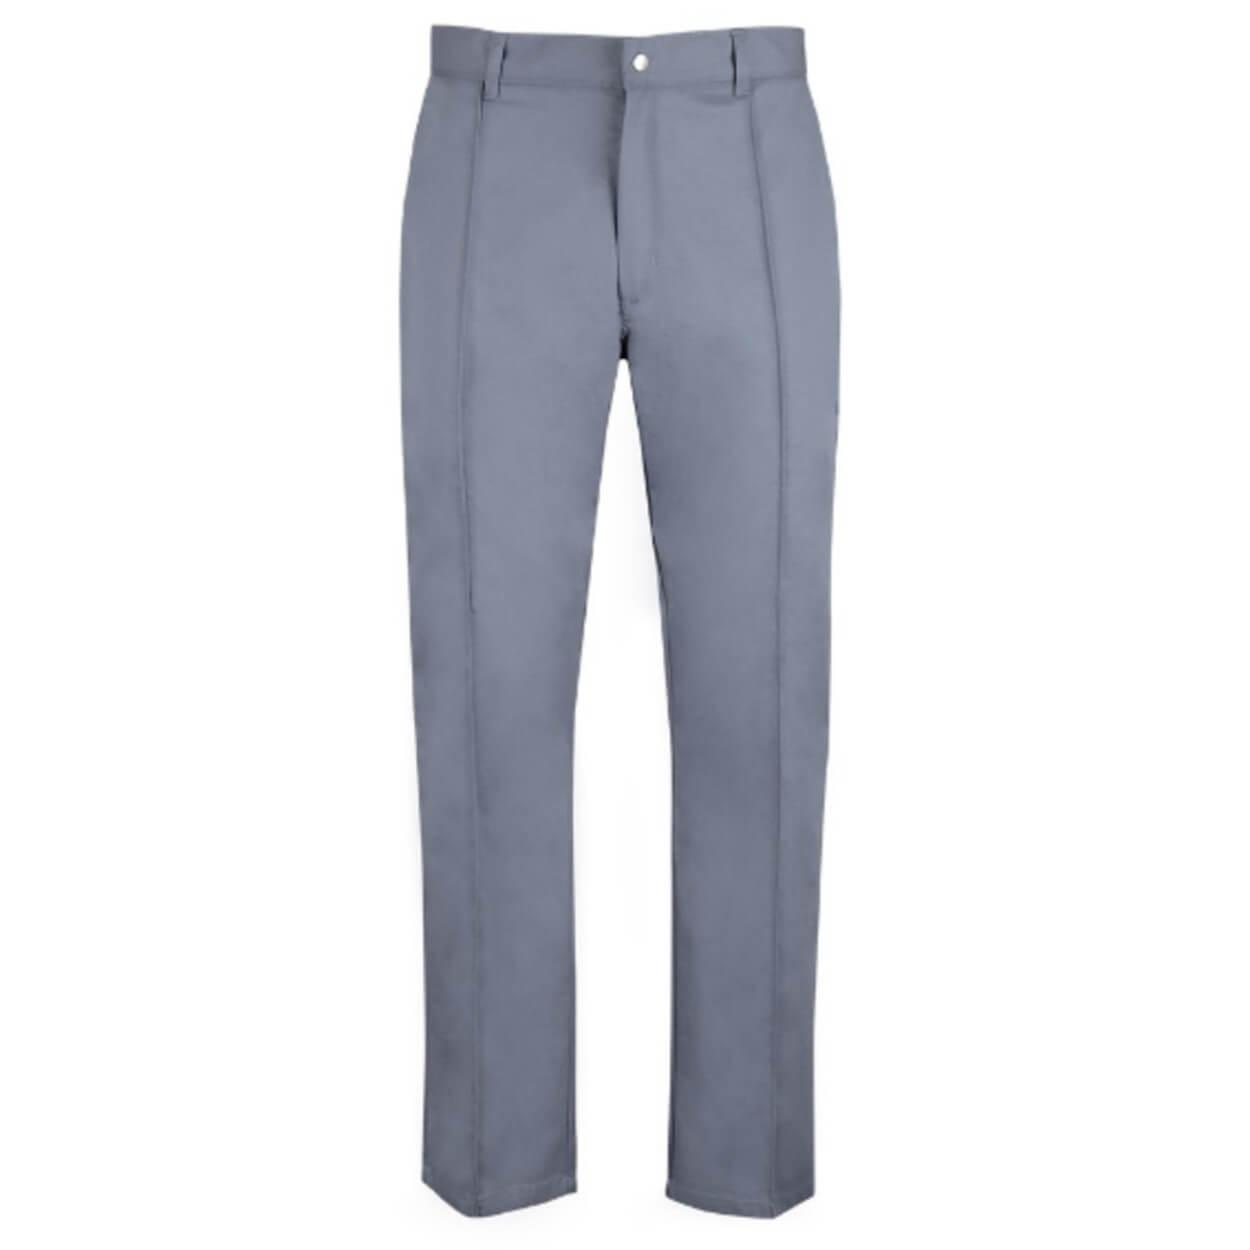 Ανδρικό παντελόνι Essential